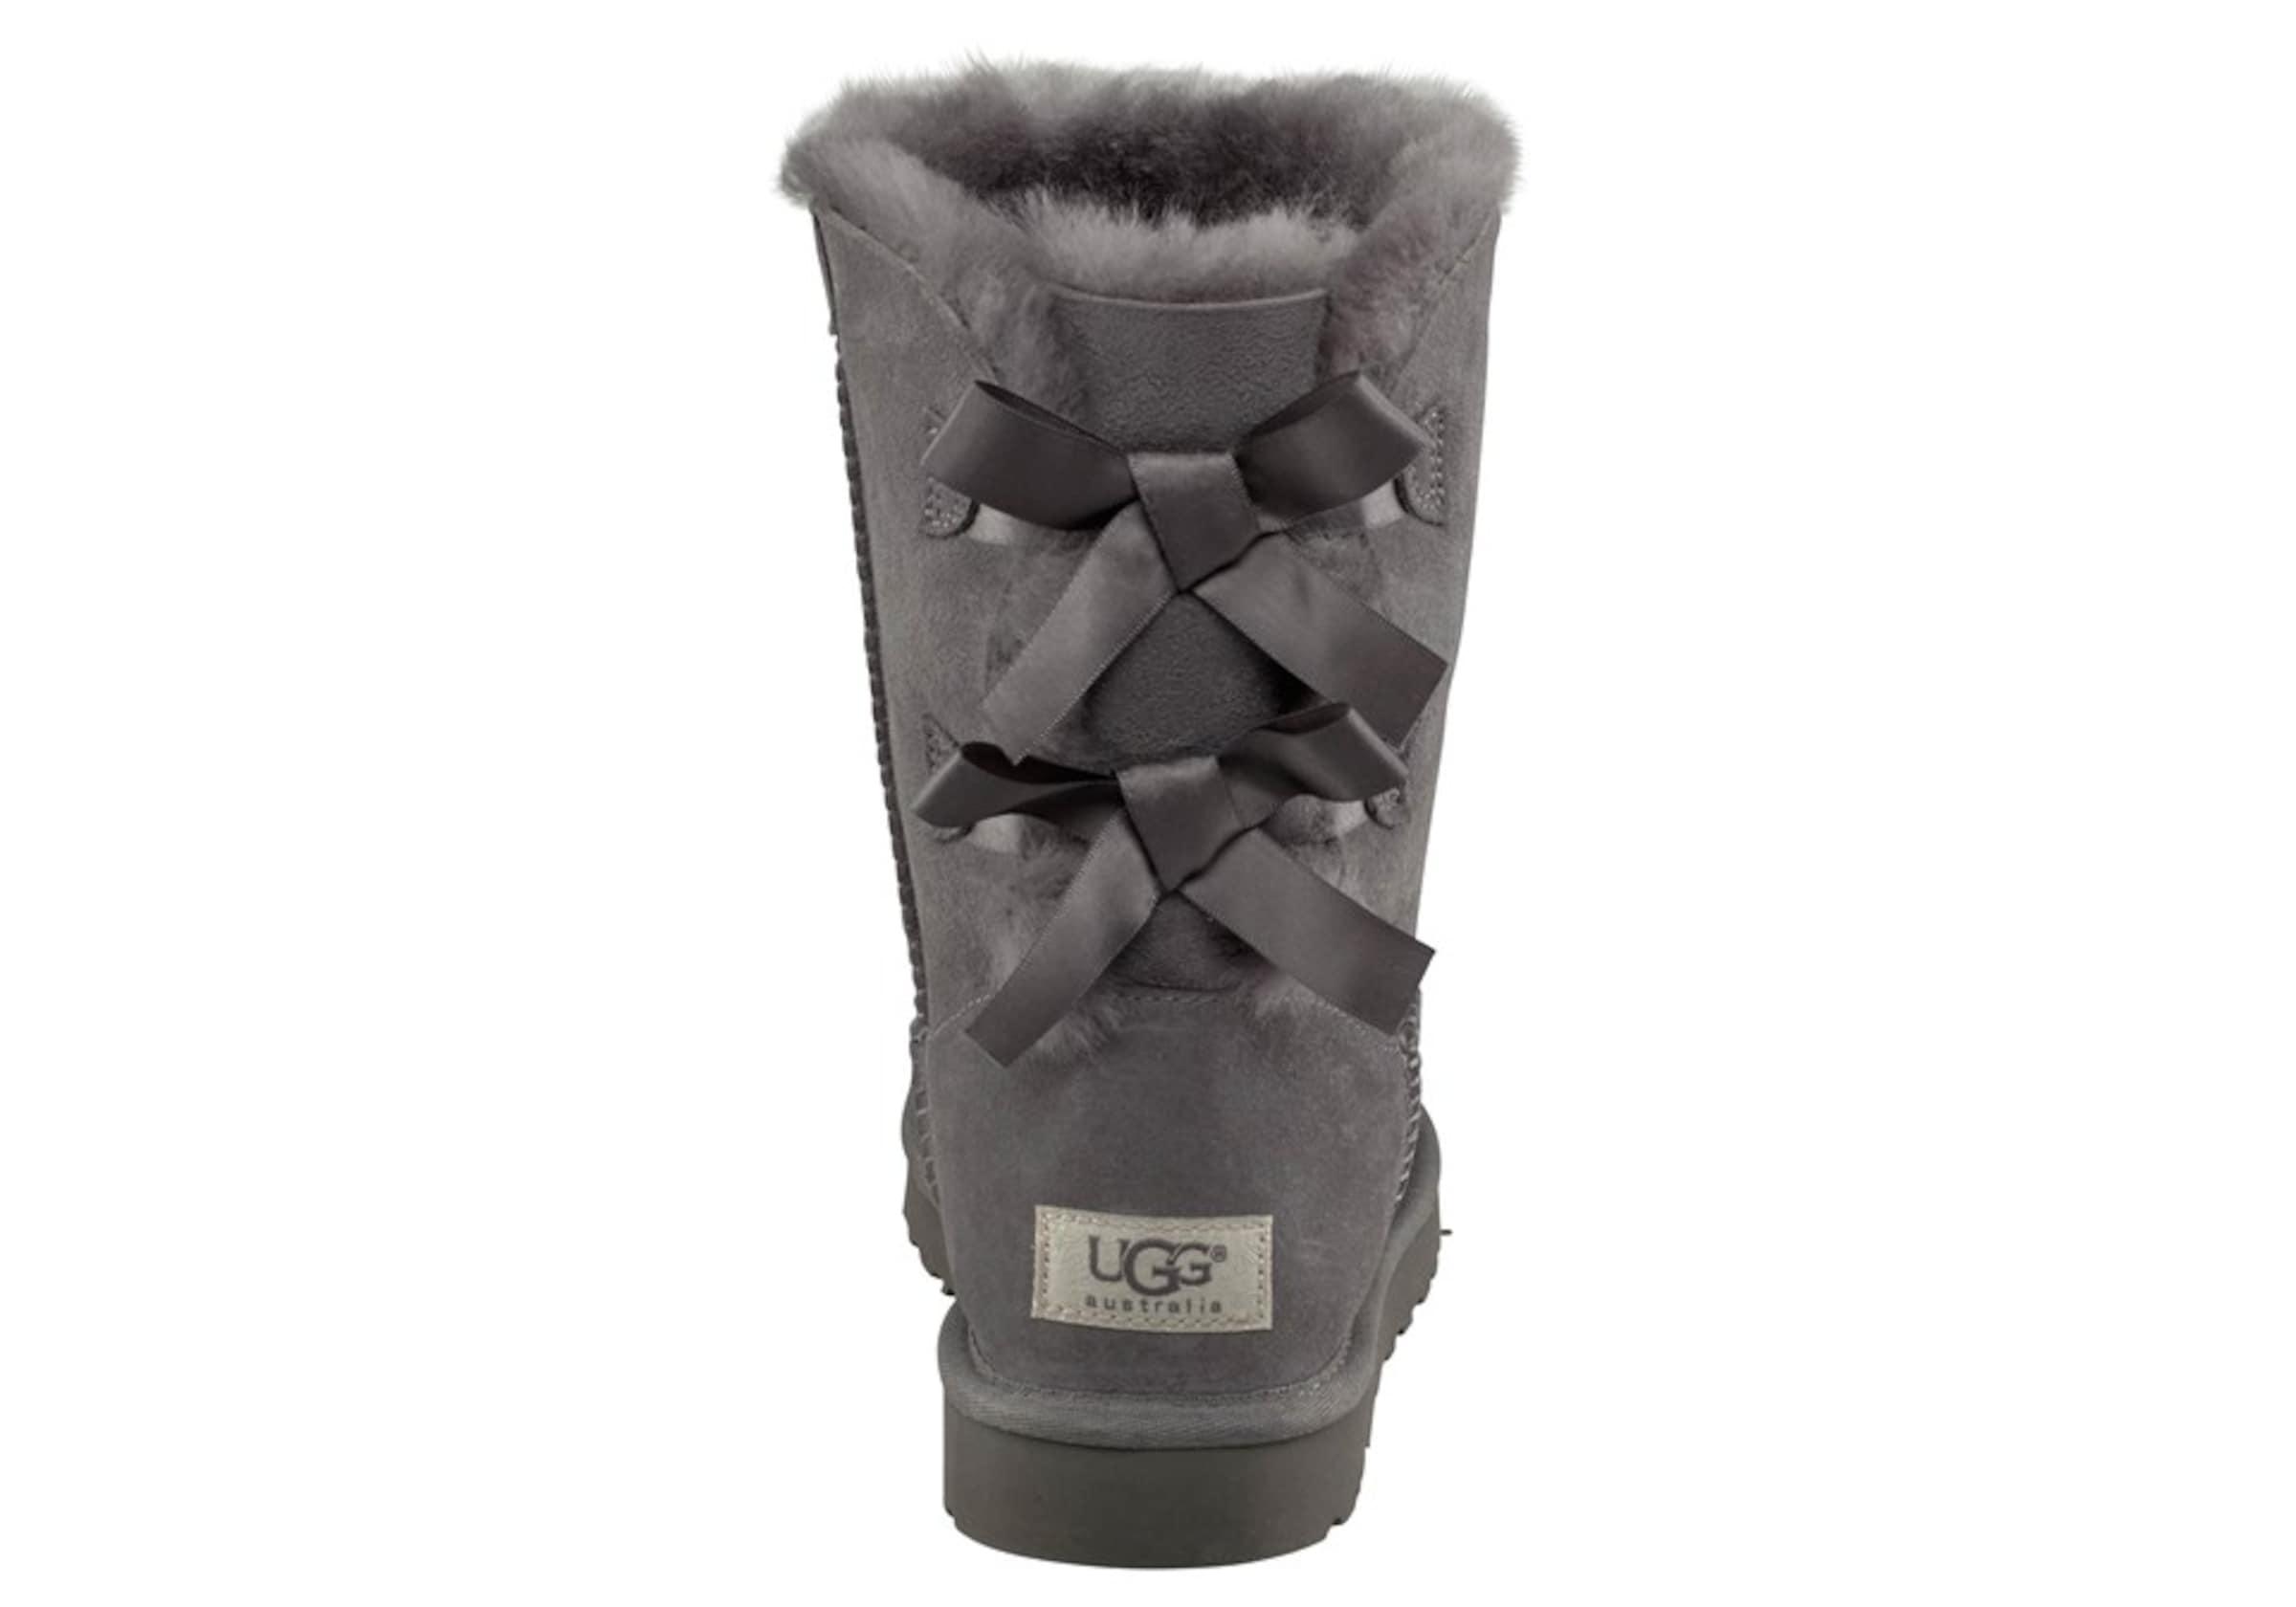 UGG Boots 'Bailey Bow II' Billigshop Eastbay Günstigen Preis Kosten Für Verkauf 8JiNH